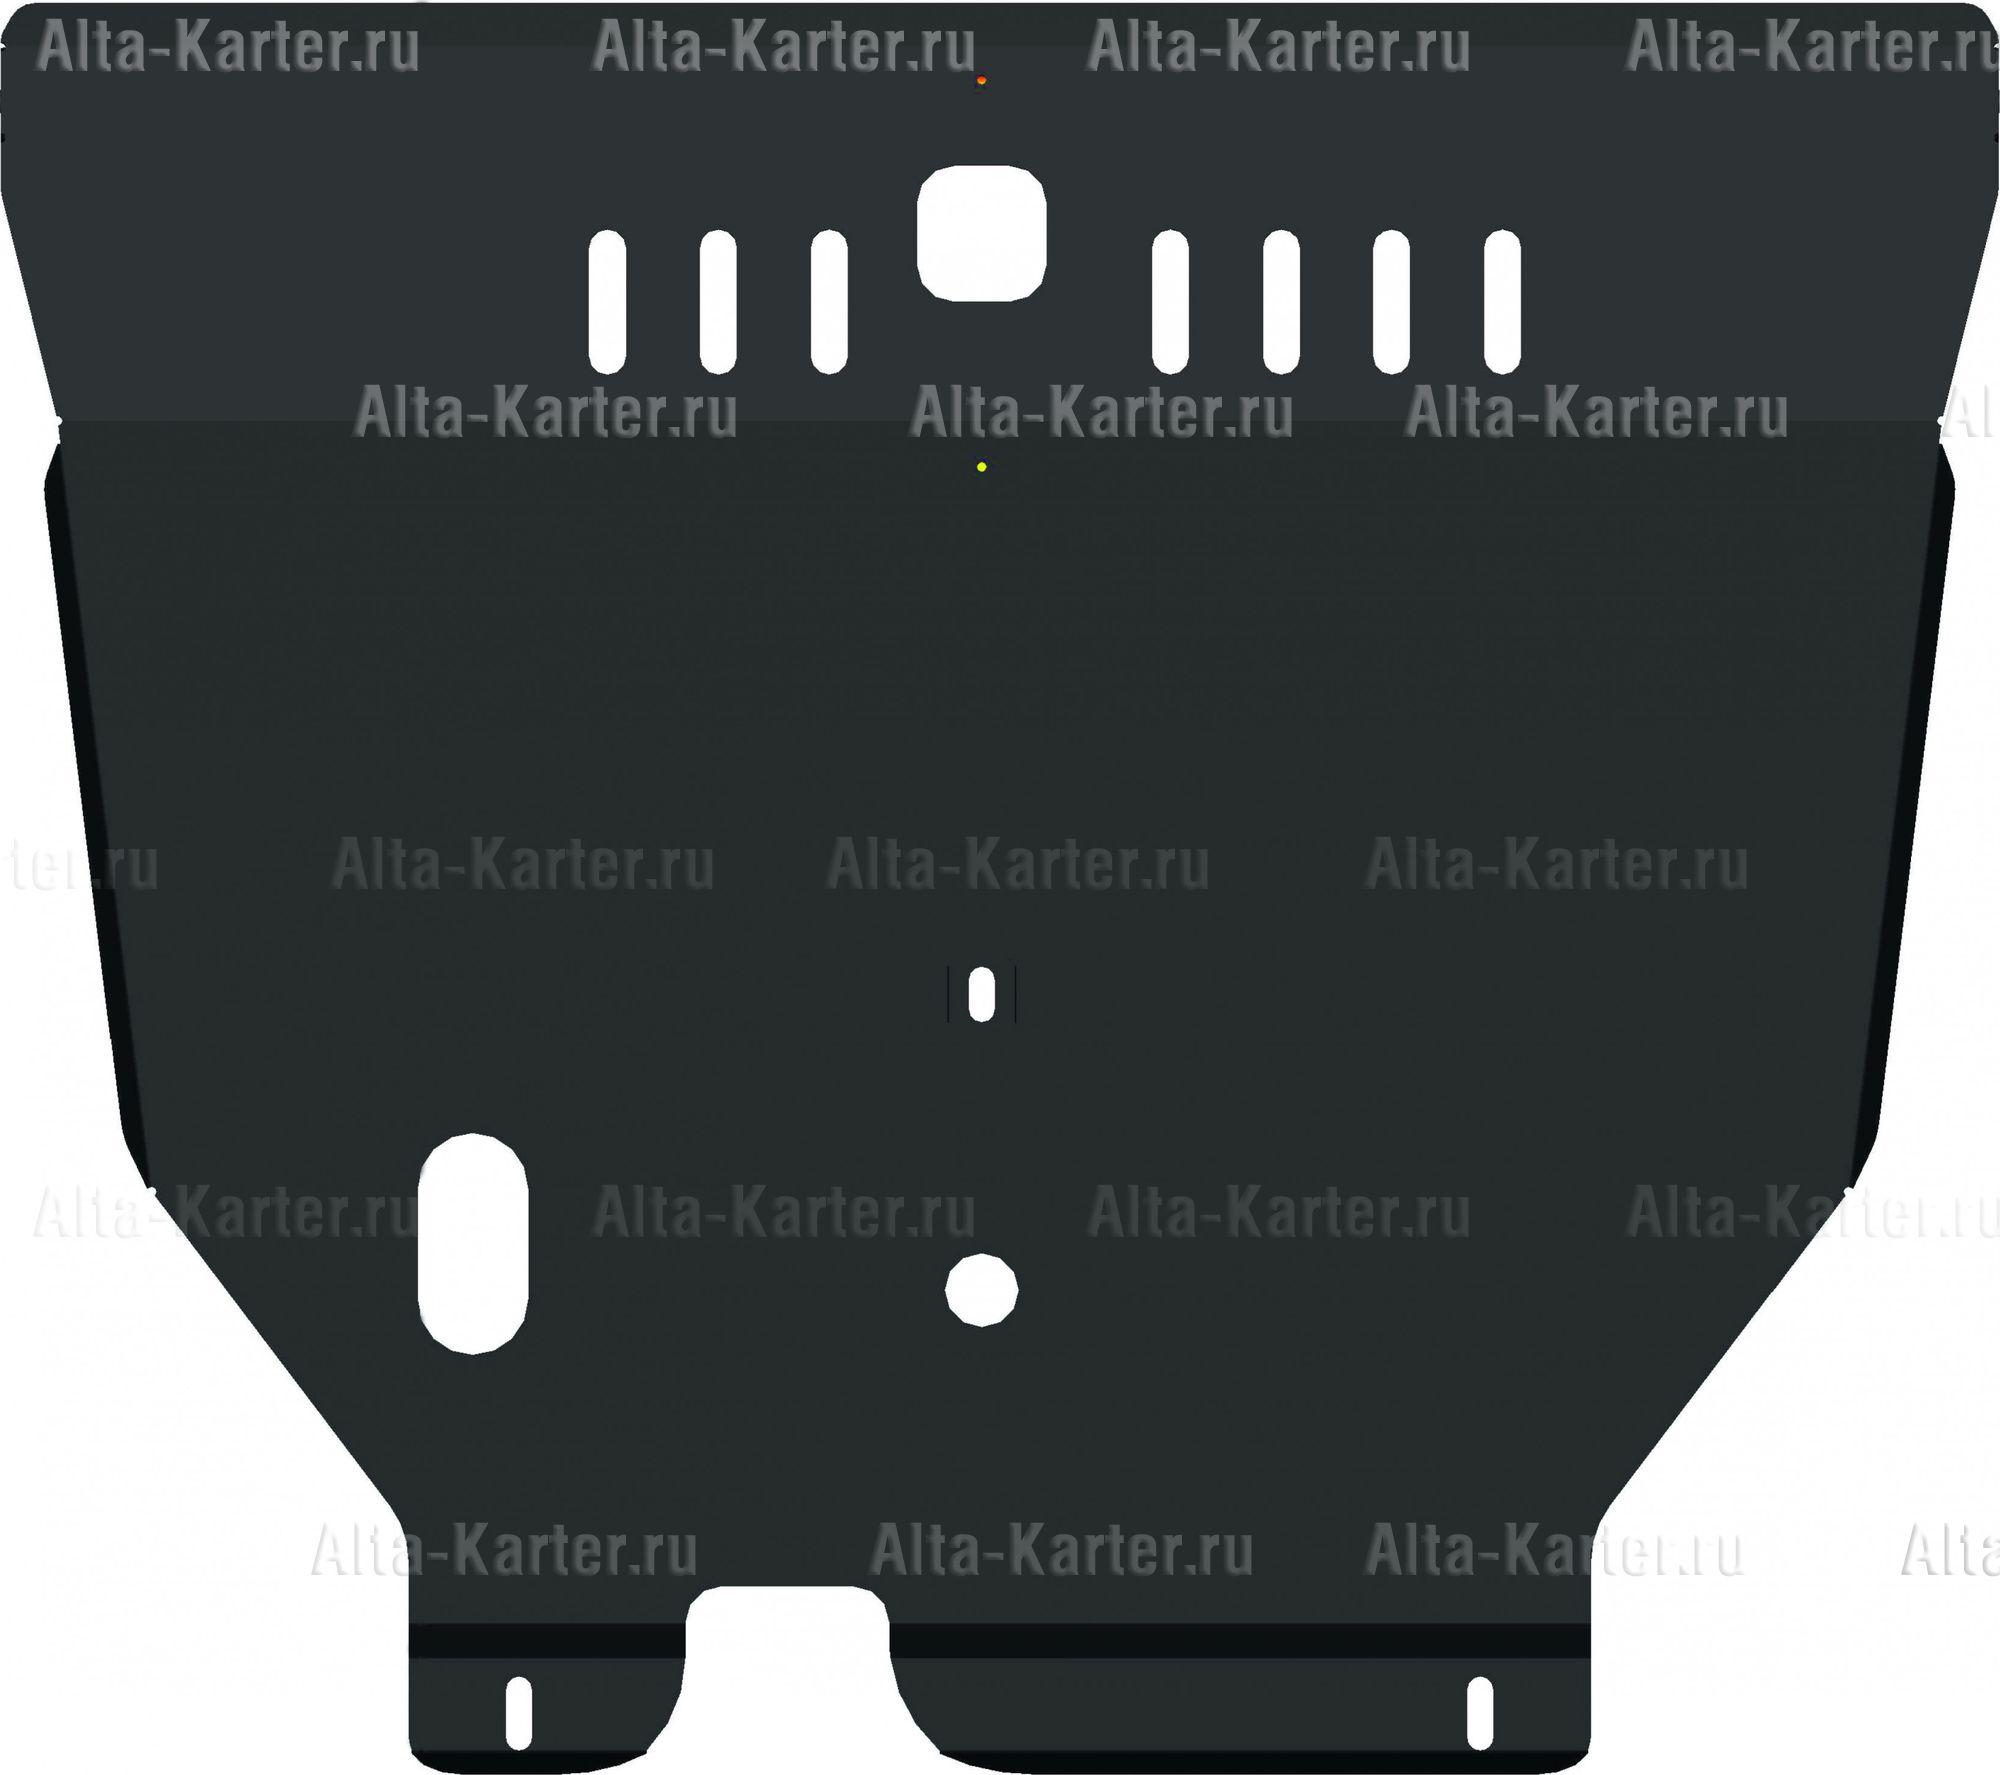 Защита Alfeco для картера и АКПП Nissan Maxima A33 1999-2003. Артикул ALF.15.30